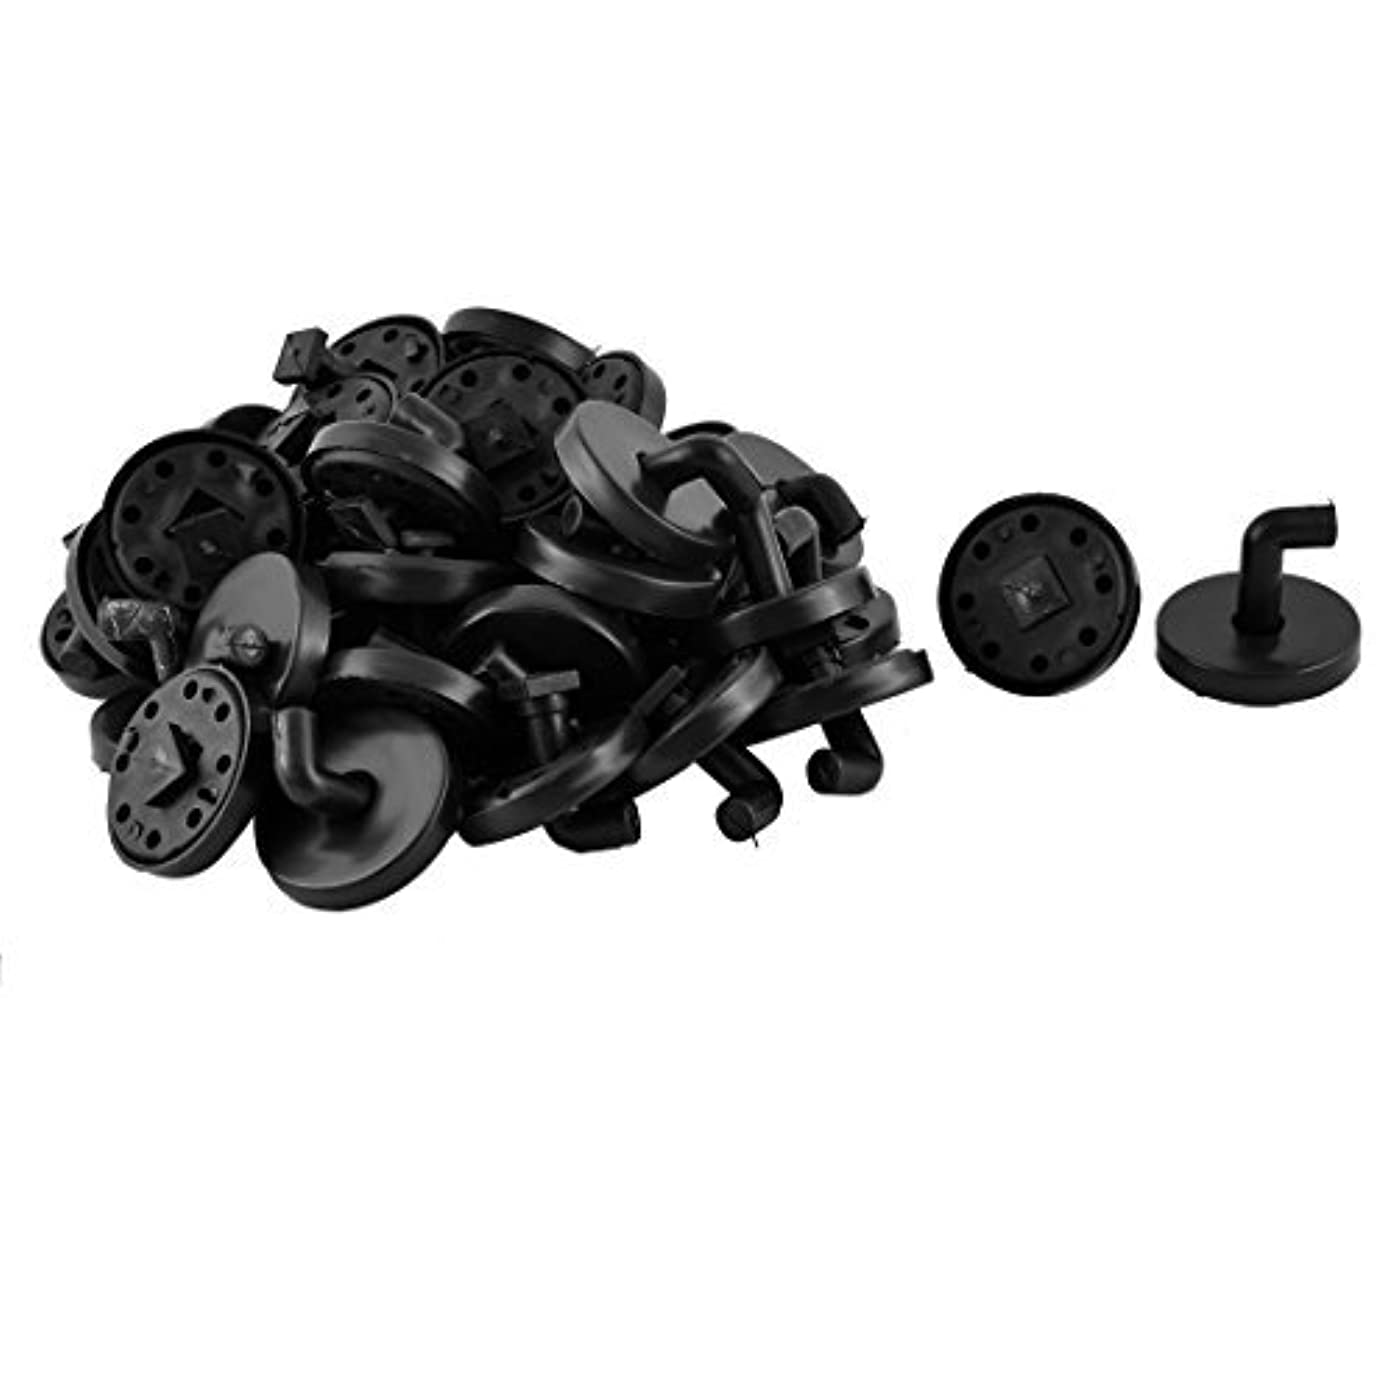 平和なドック火山学DealMuxプラスチックラウンドバストイレ服帽子コートハンドバッグフックハンガー40個ブラック